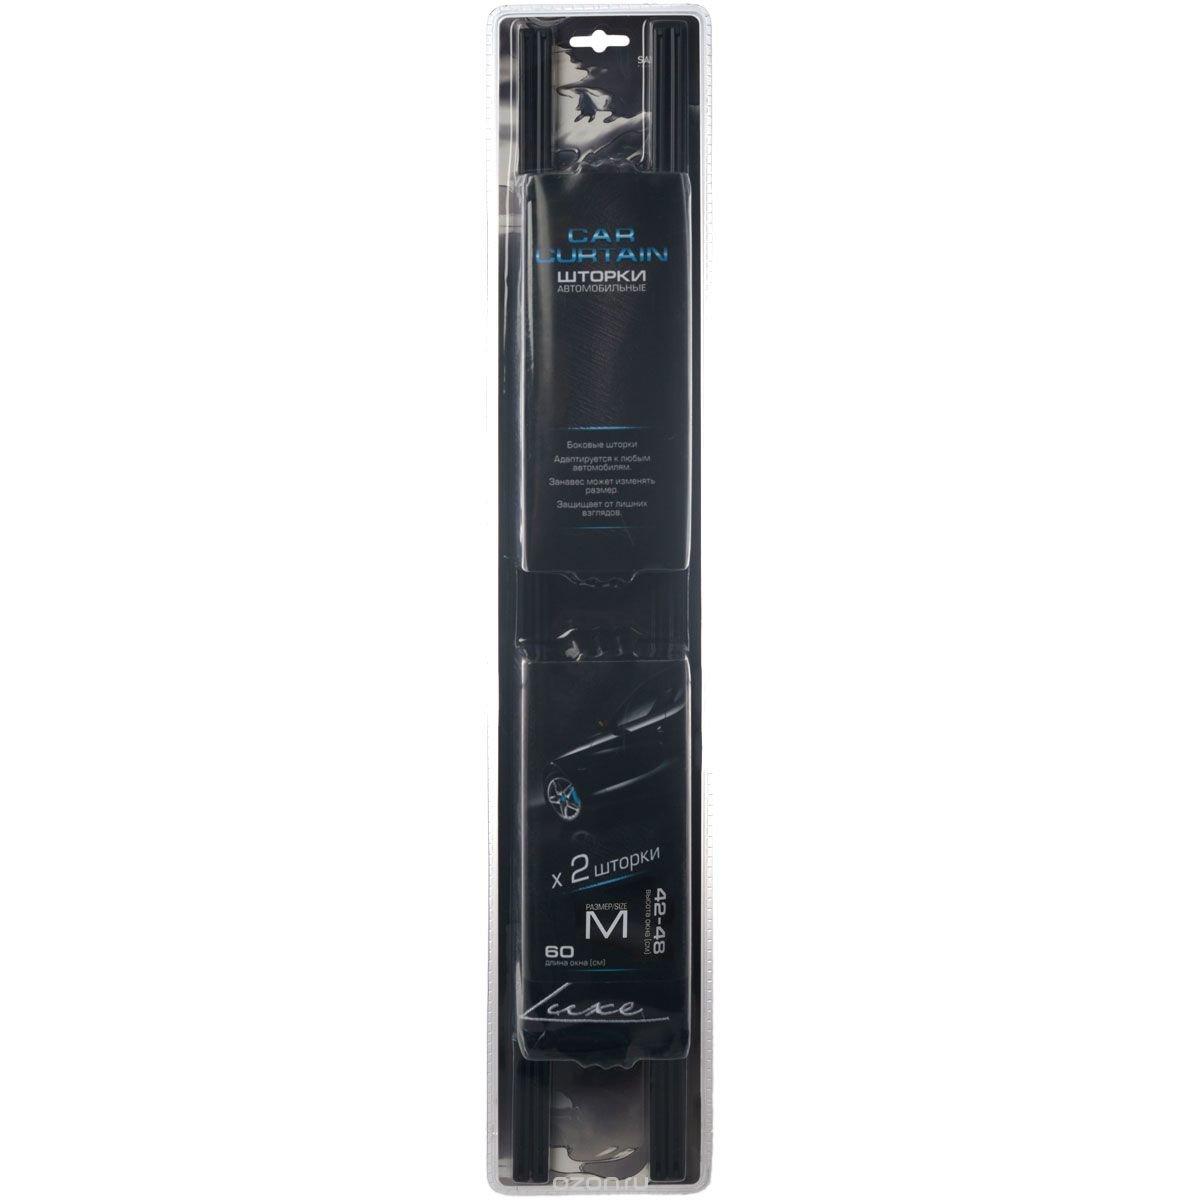 Шторки автомобильные Sapfire, цвет: черный, для окон высотой 42-48 см, 2 шт